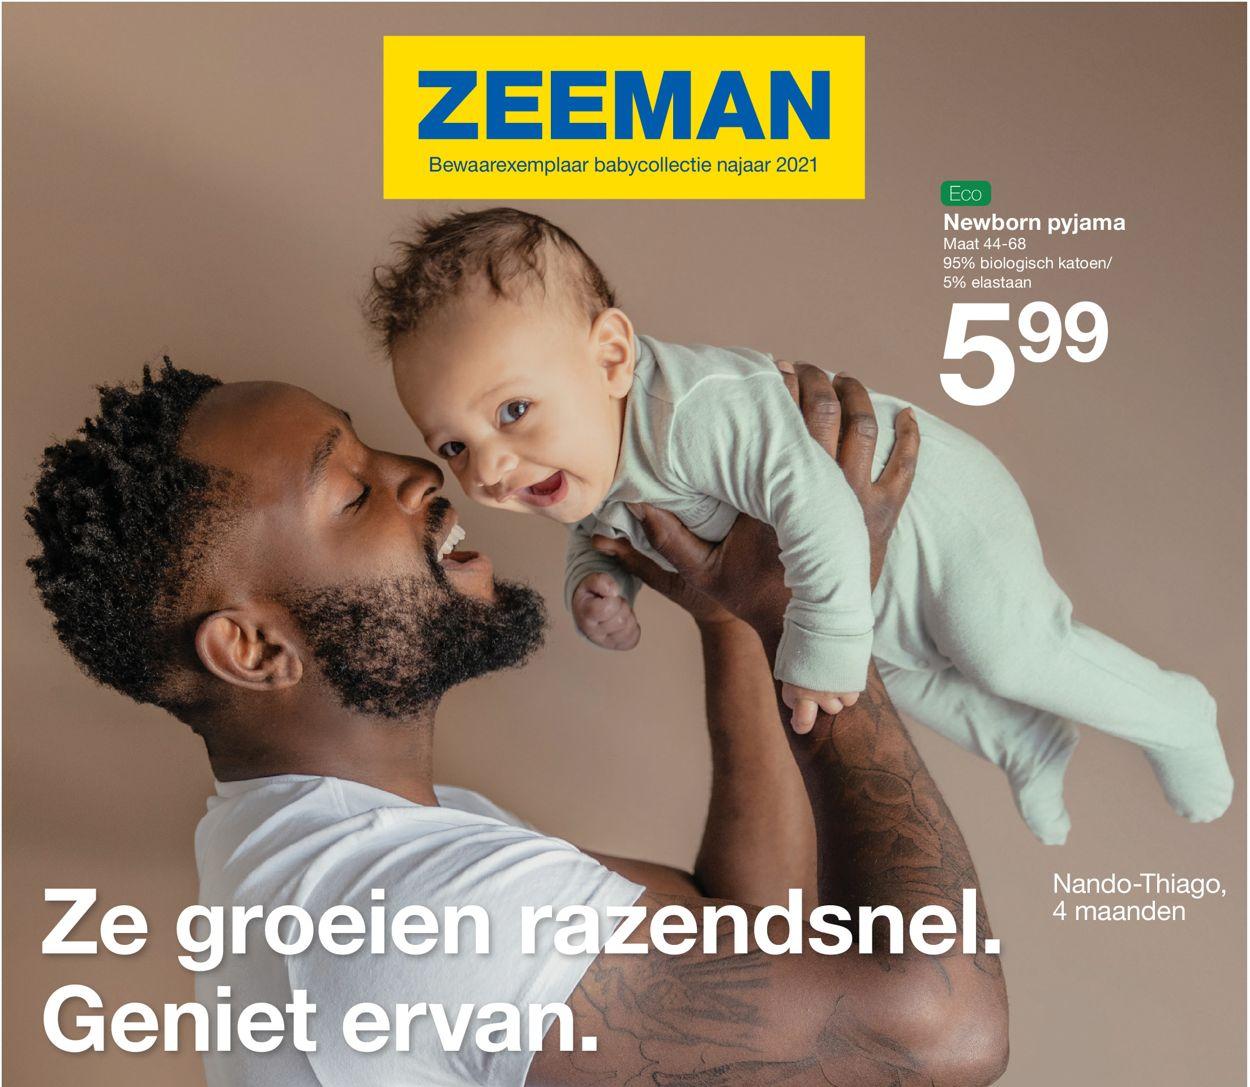 Catalogus van Zeeman van 01.08.2021